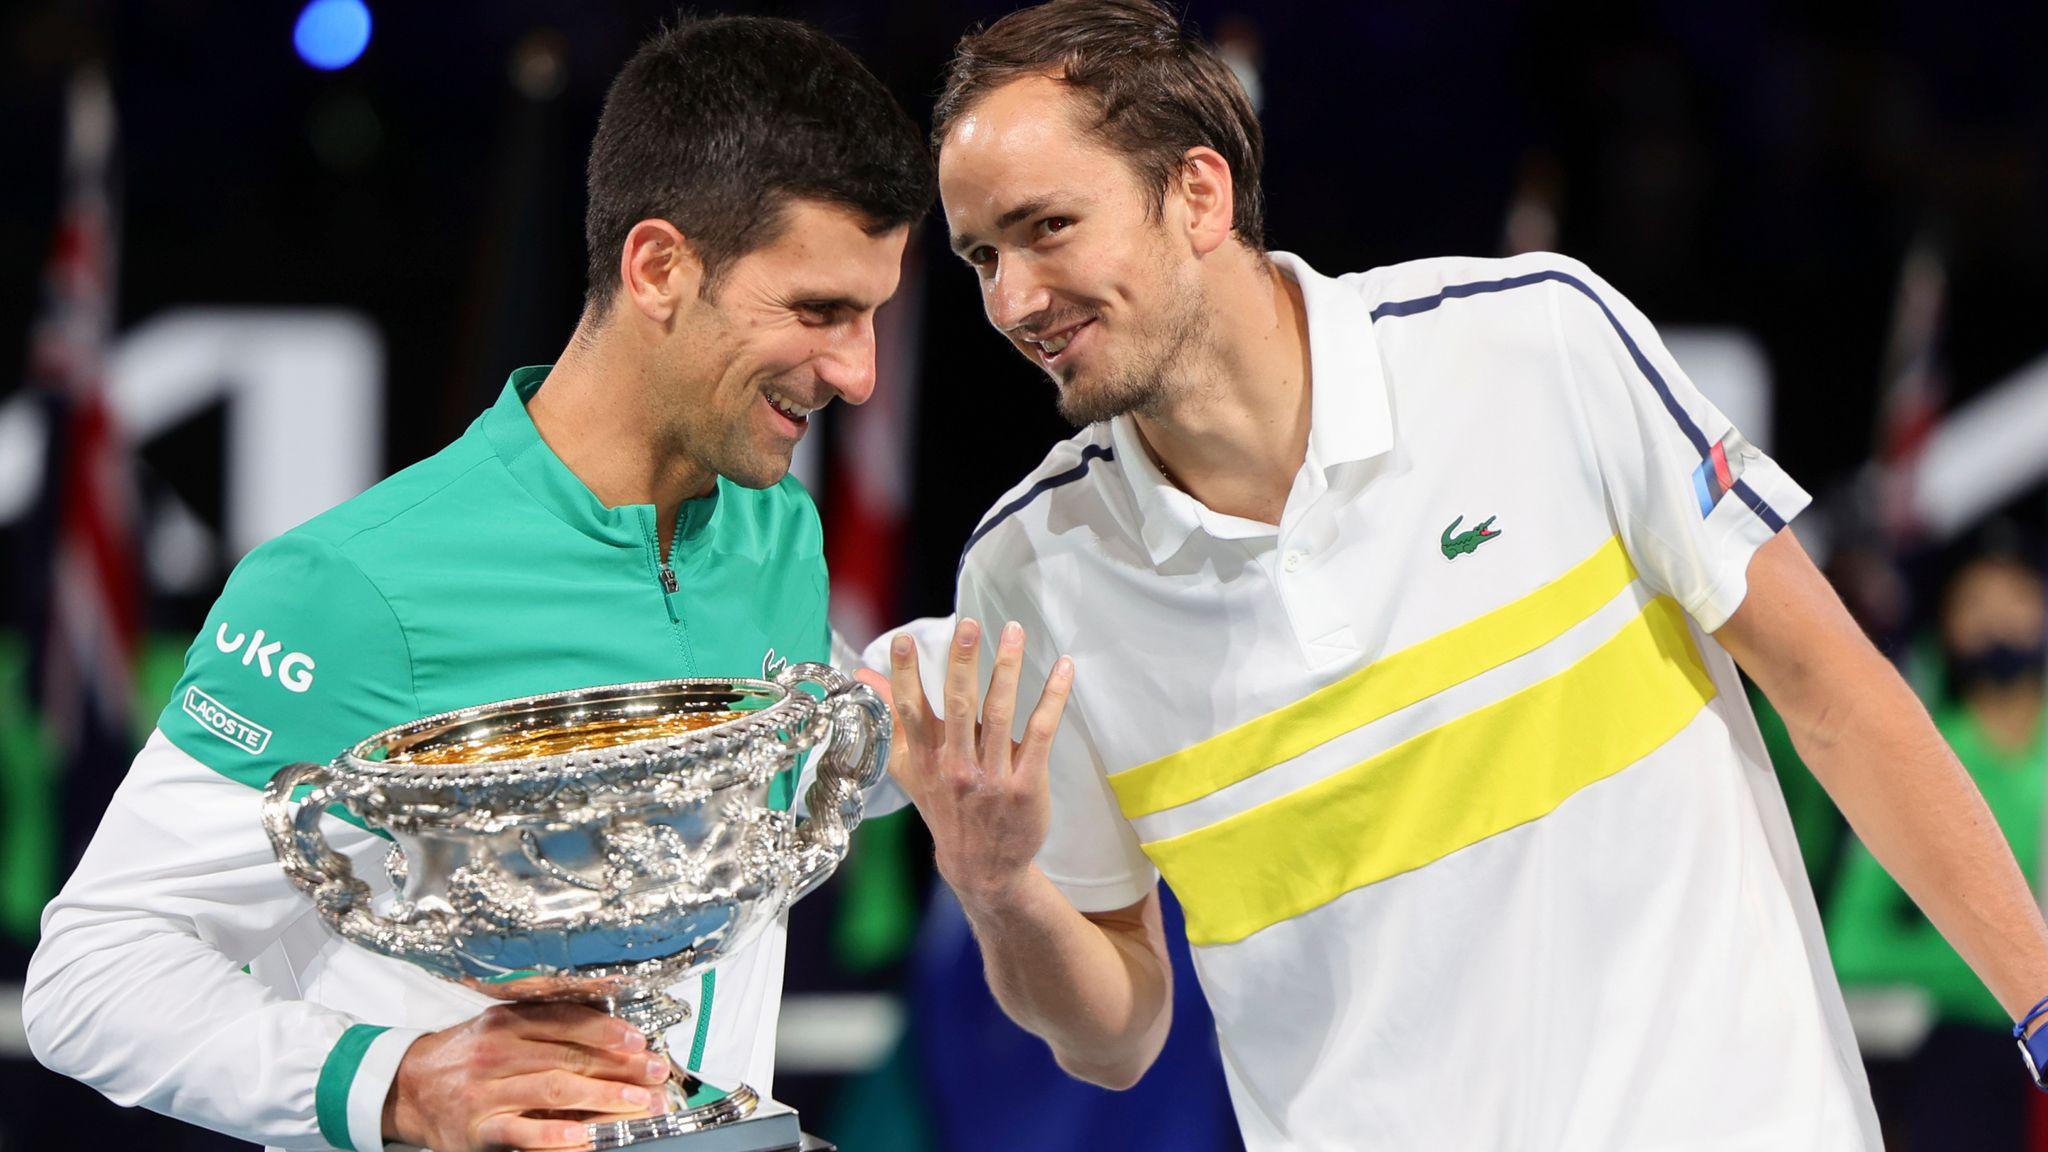 US Open 2021: Novak Djokovic vs Daniil Medvedev Tennis Prediction and Pick